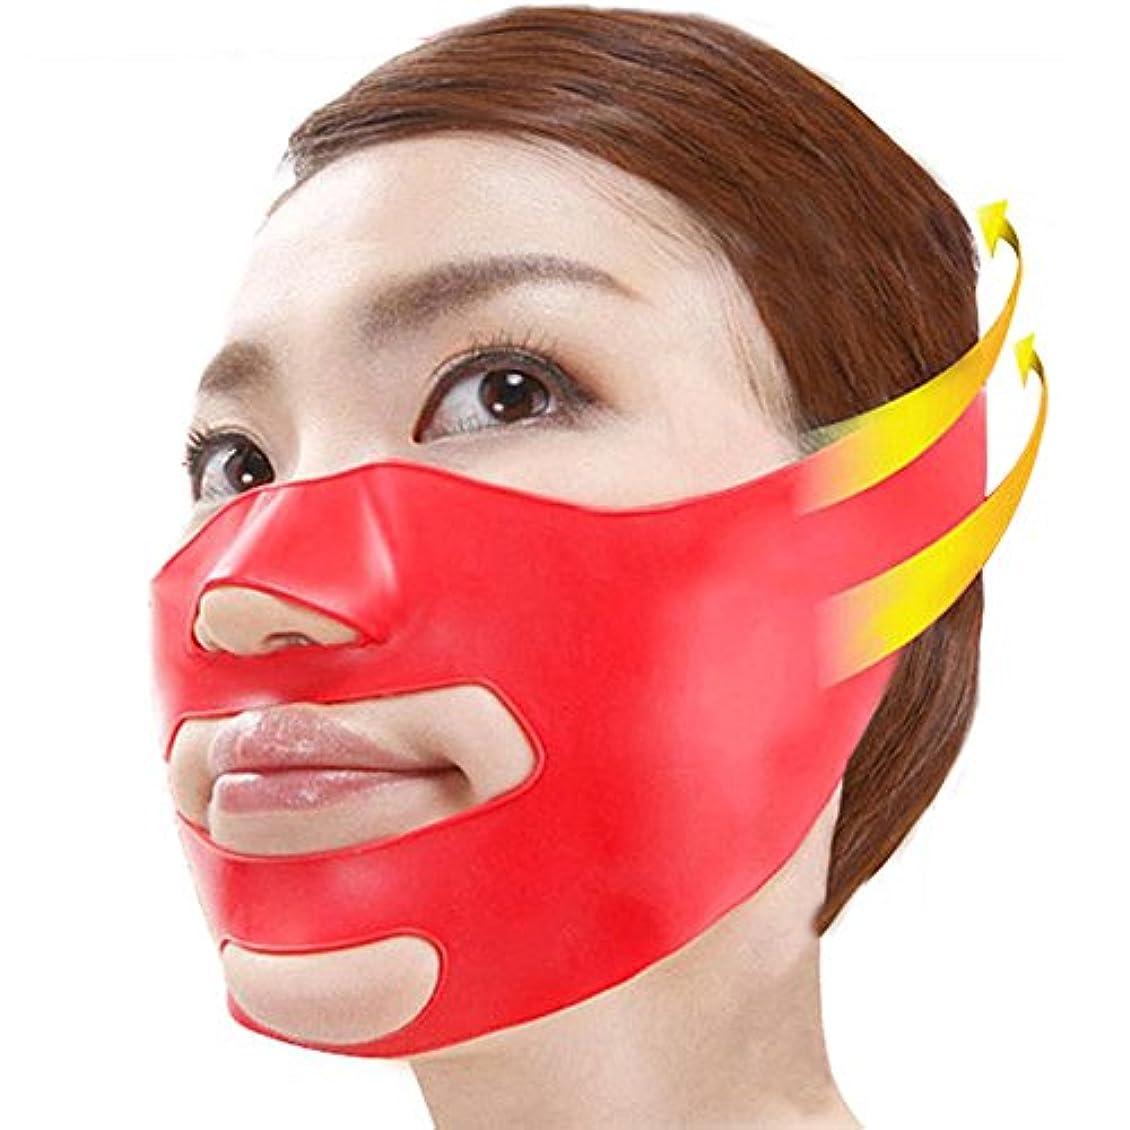 いたずらなペパーミント八百屋3D 小顔 マッサージグッズ フェイスマスク 美容 顔痩せ ほうれい線 消す グッズ 美顔 矯正 (フリーサイズ, レッド)